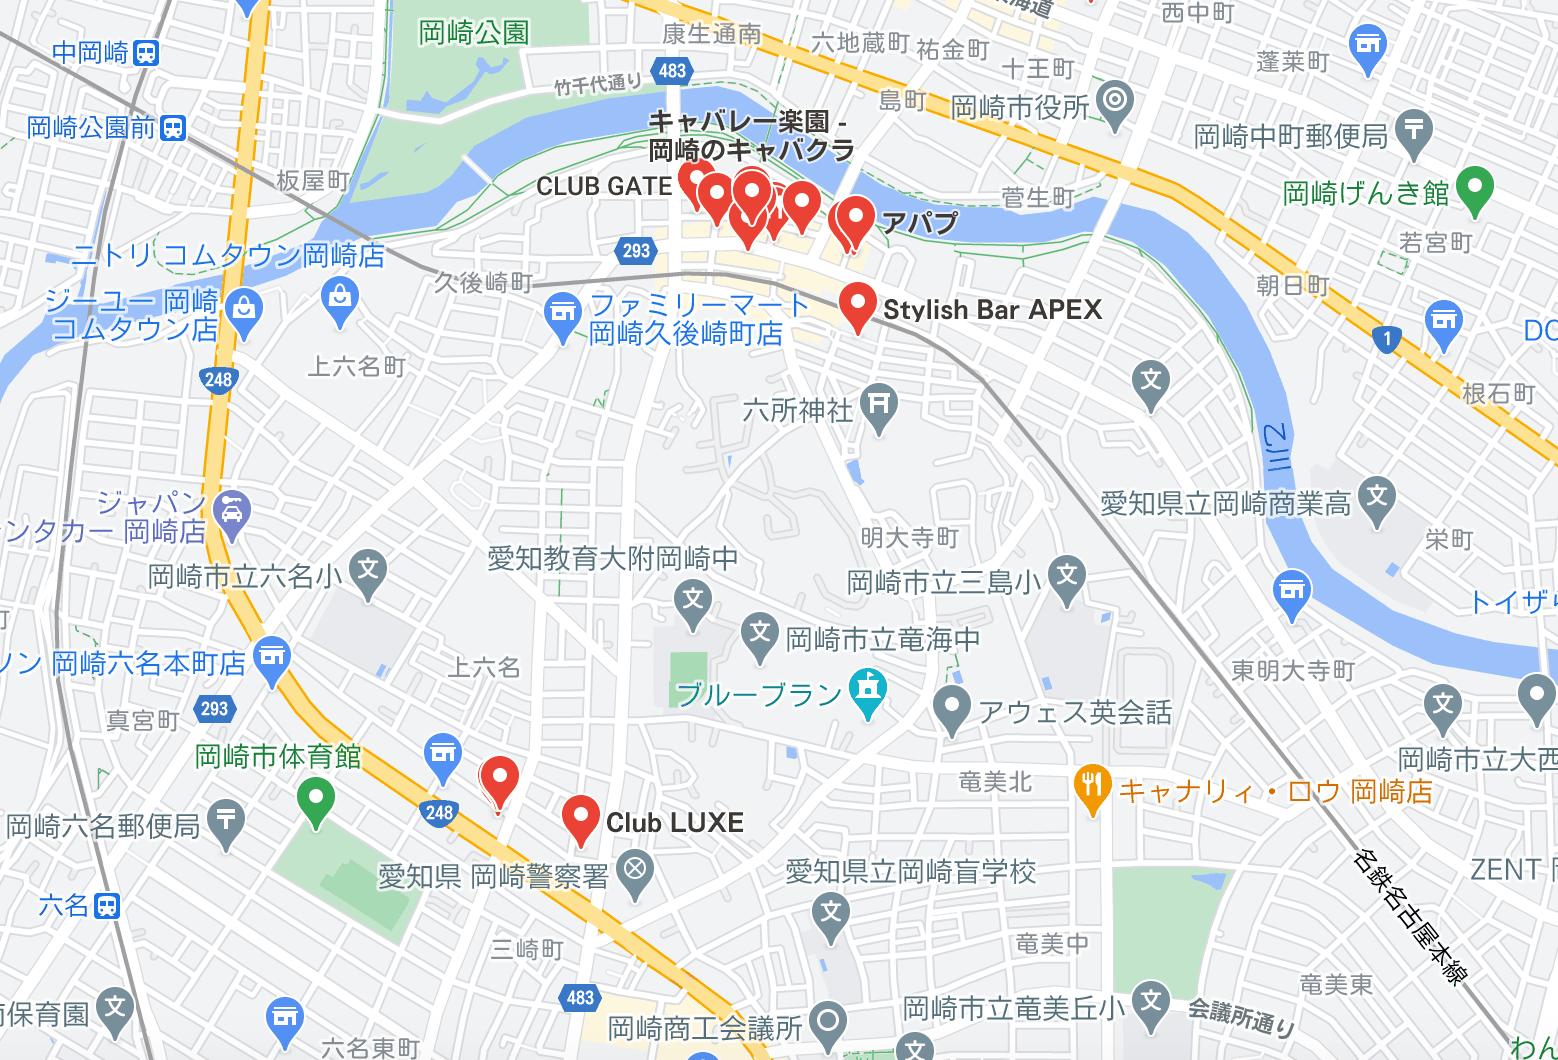 岡崎 キャバクラ